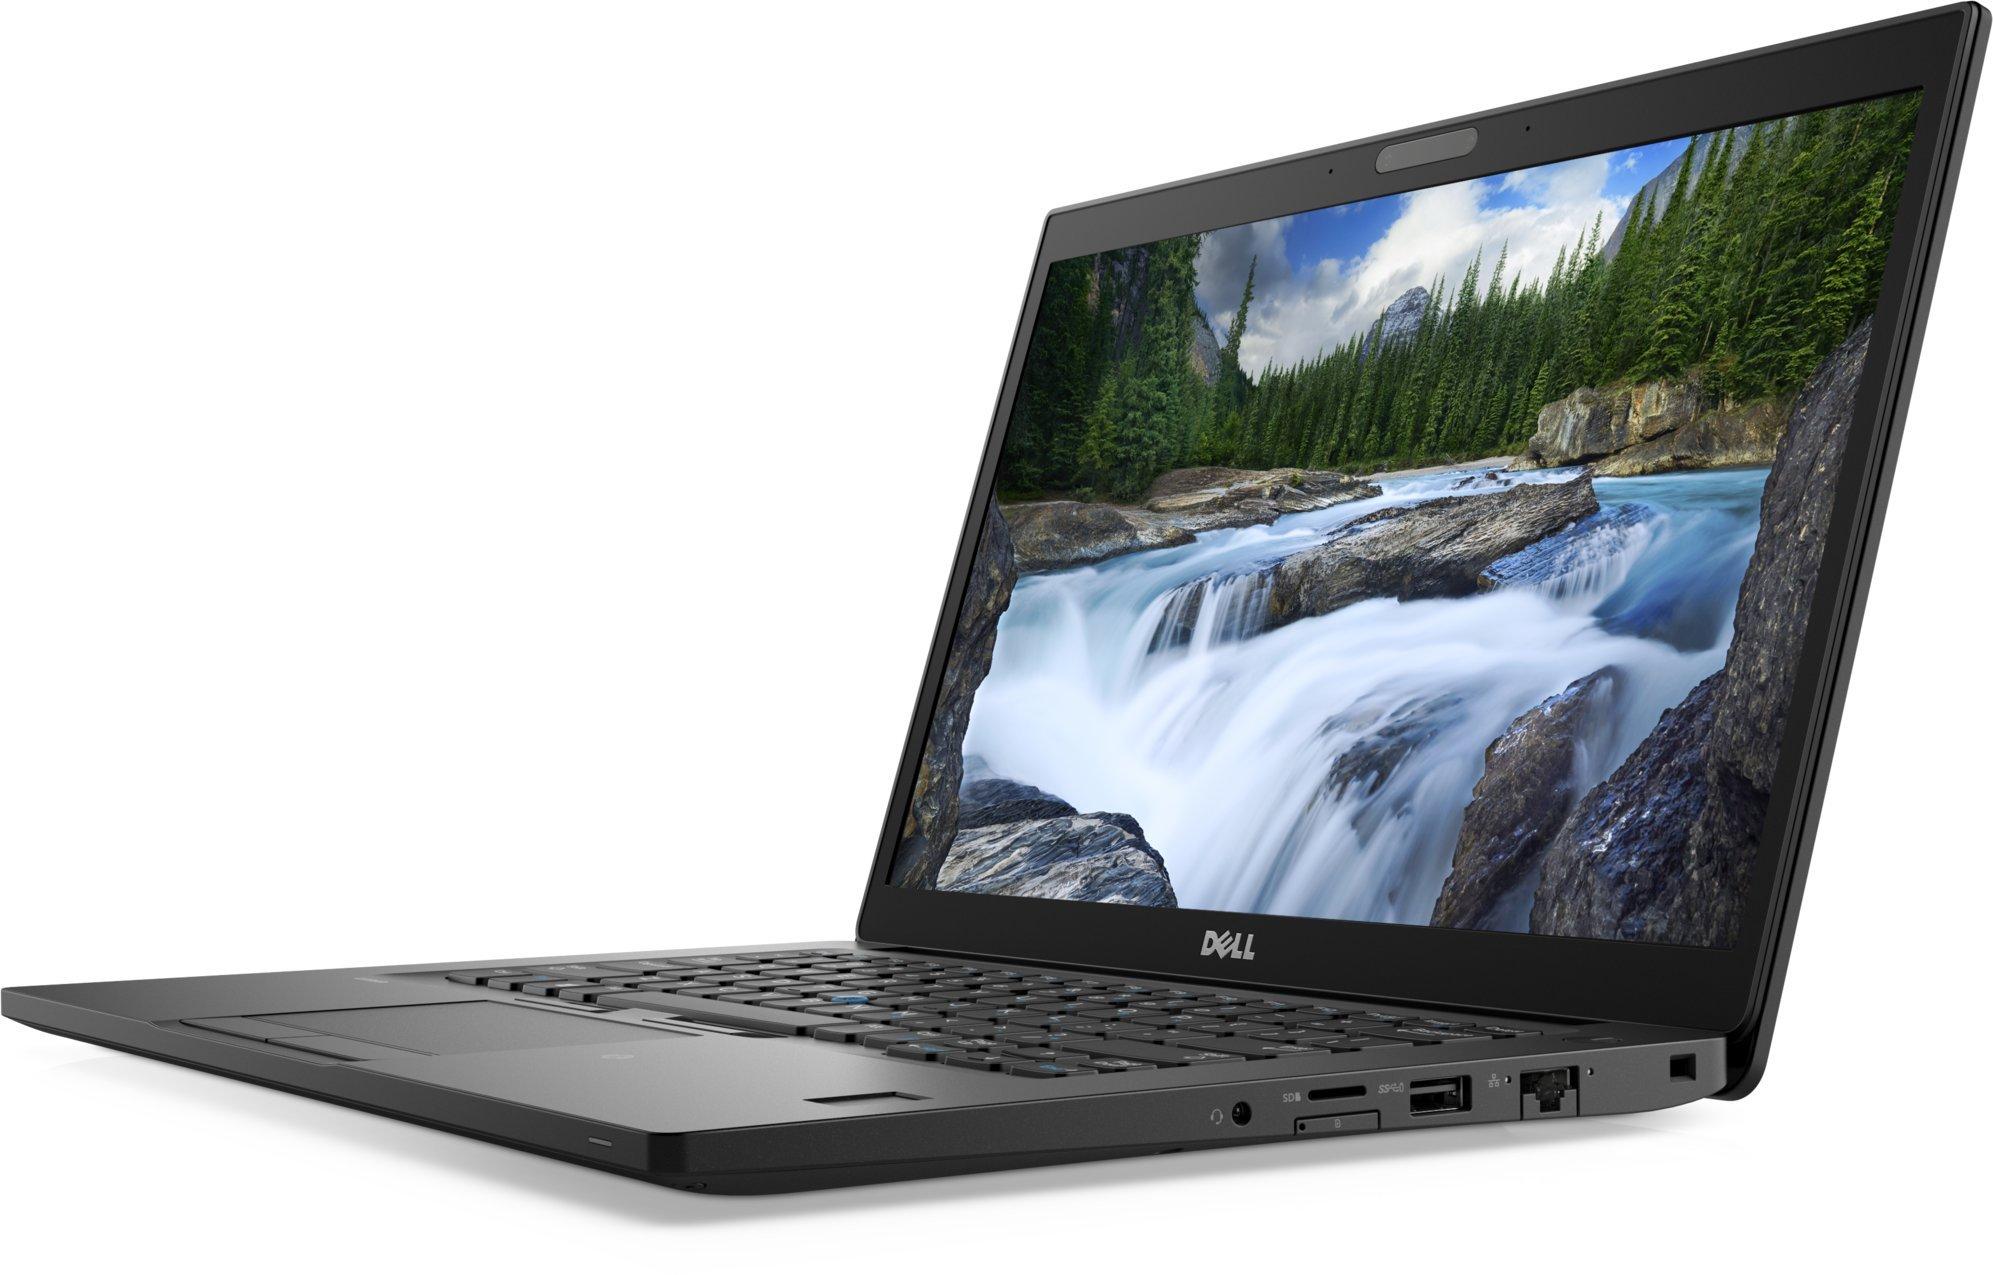 Dell Latitude E7490